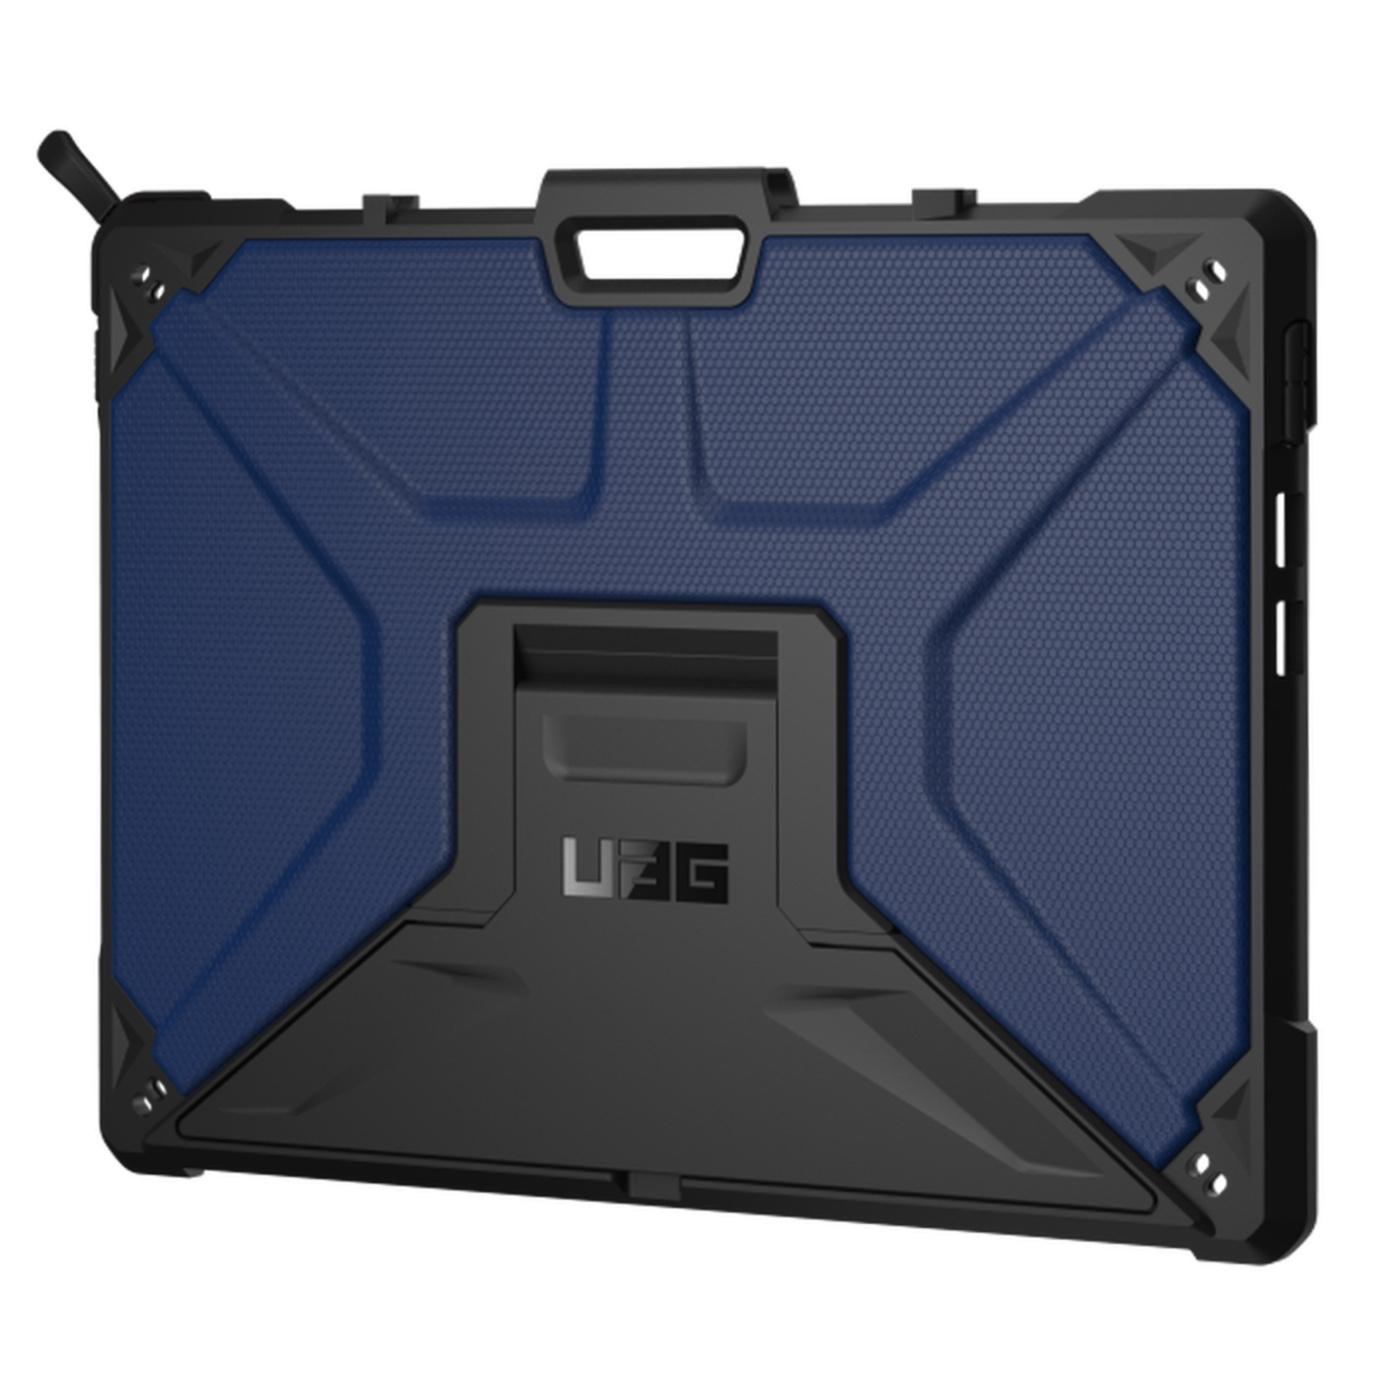 Pack Duo 2 en 1 Coque Armure et Verre de protection ecran SURFACE PRO X 13 pouces